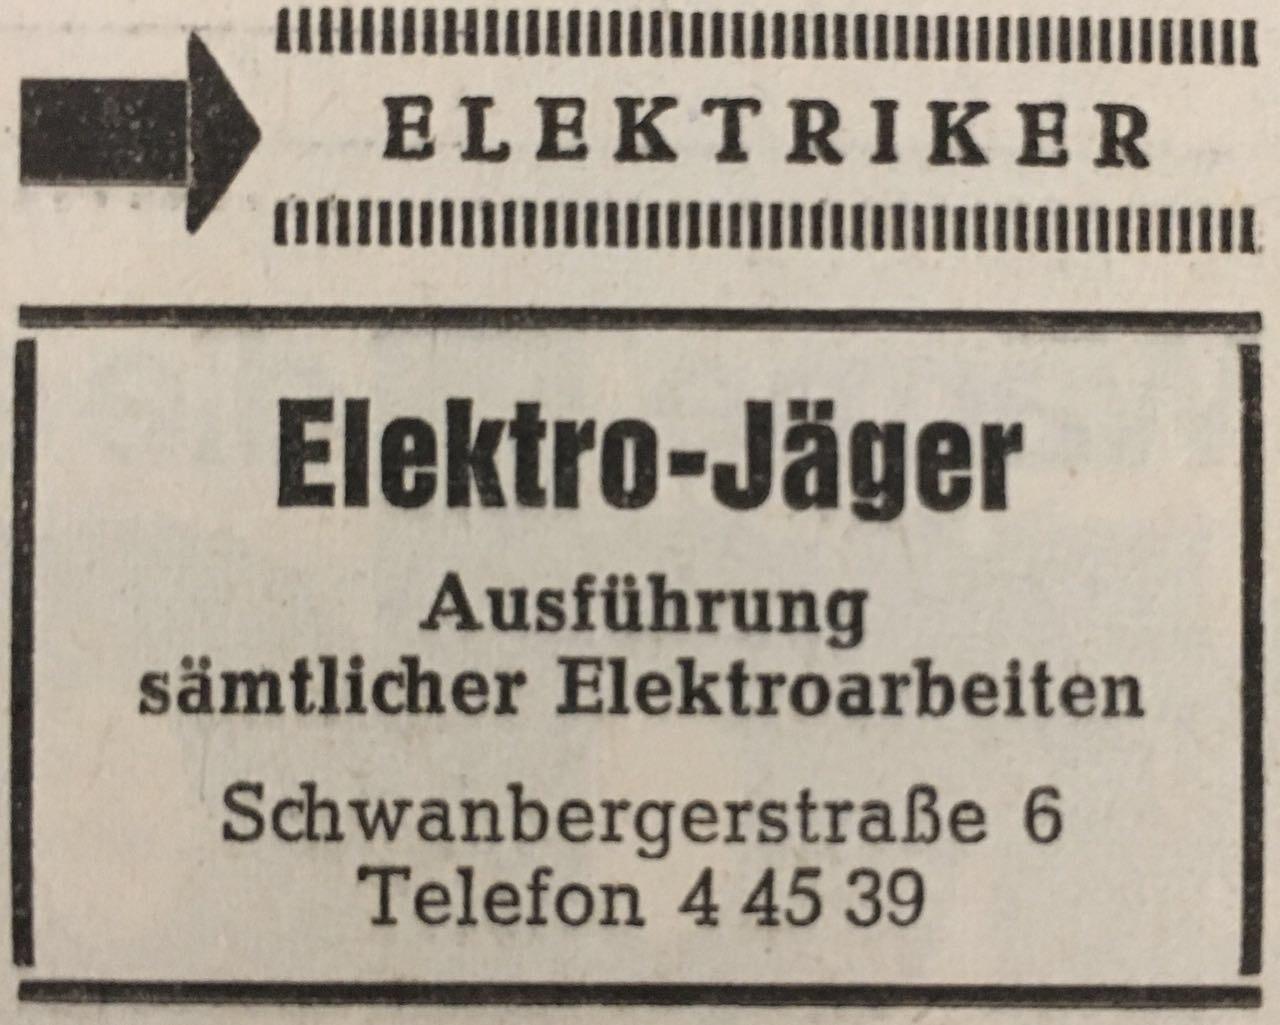 Firmenwerbung um 1976